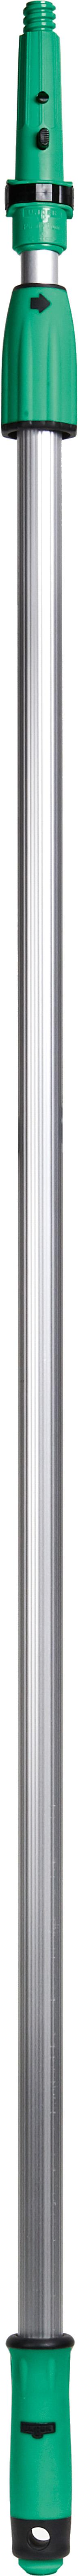 Unger OptiLoc Stange 2-teilig, Teleskopstange, 125 cm